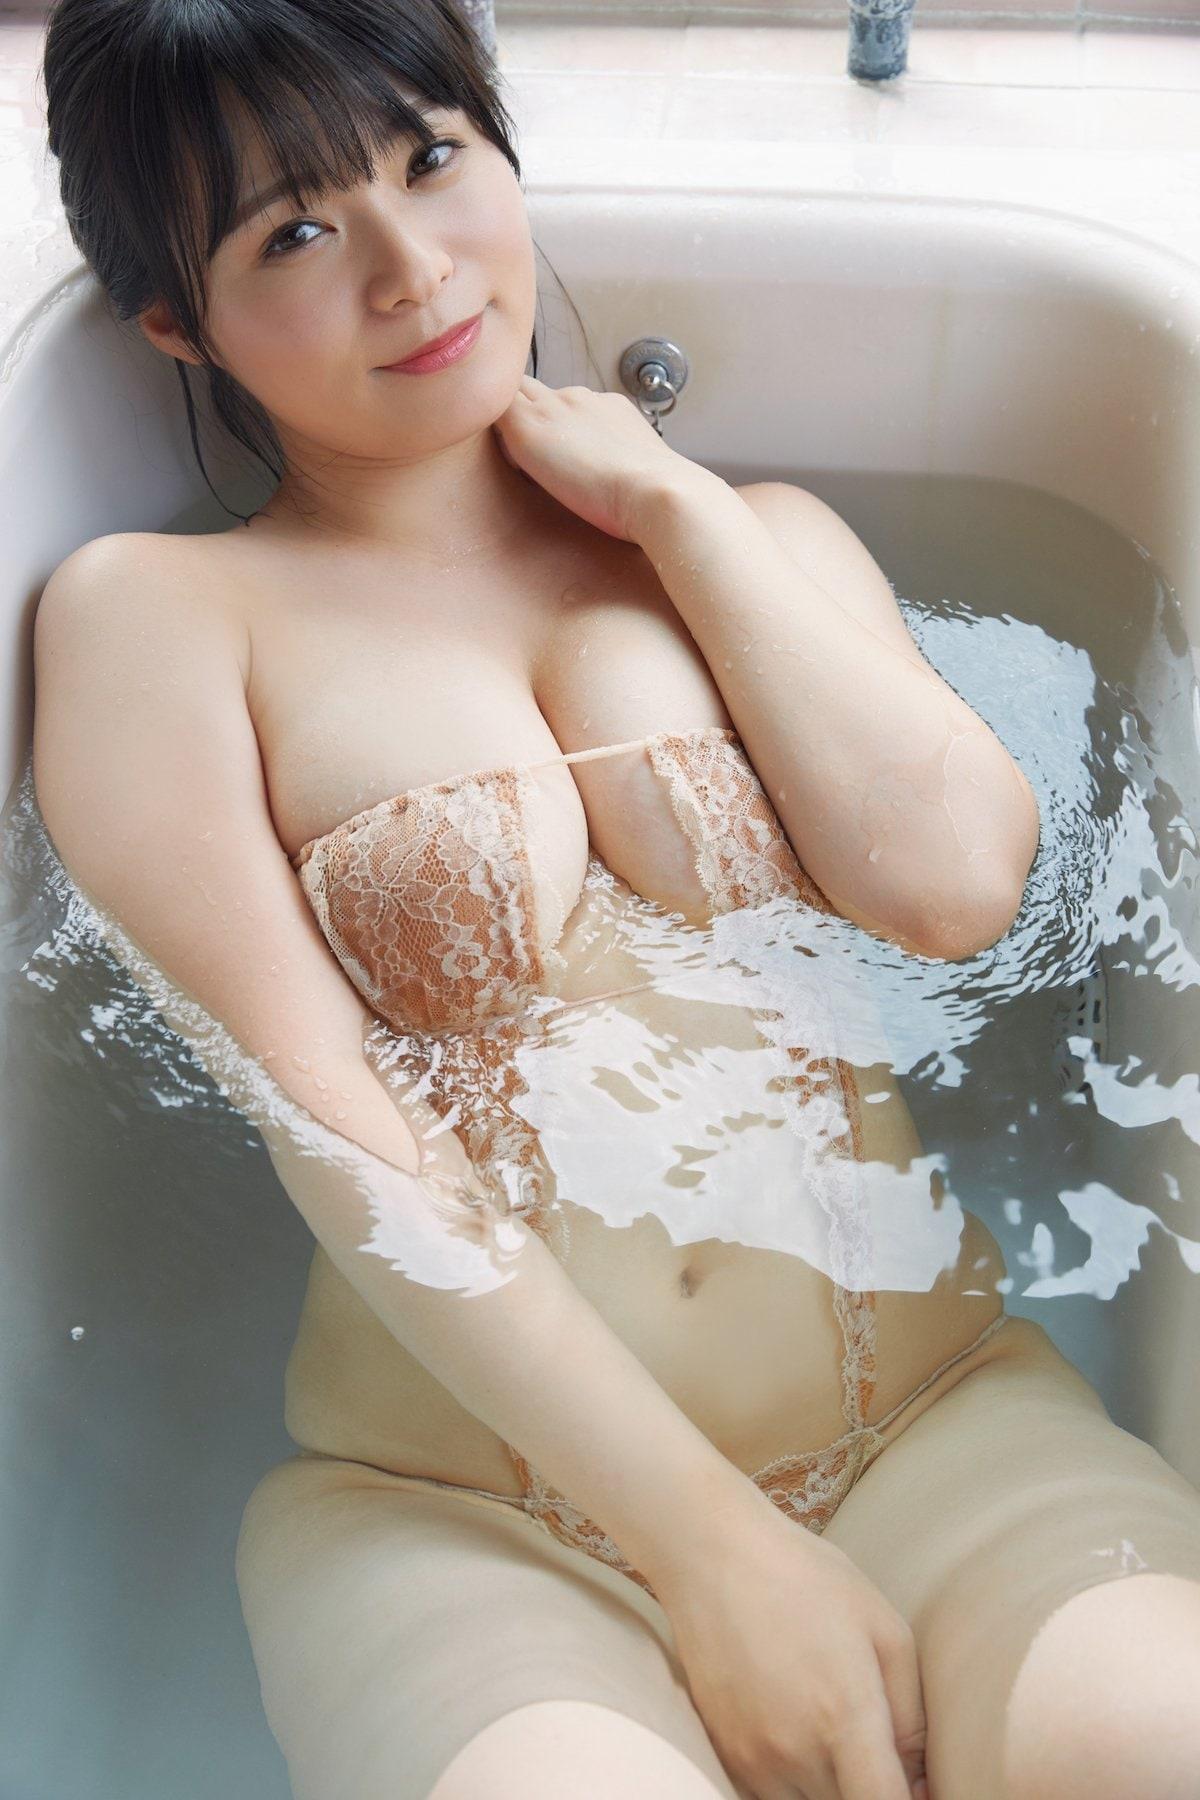 星名美津紀「Hカップがお風呂でびしょびしょ!」ぷにぷにボディで入浴中【画像12枚】の画像010